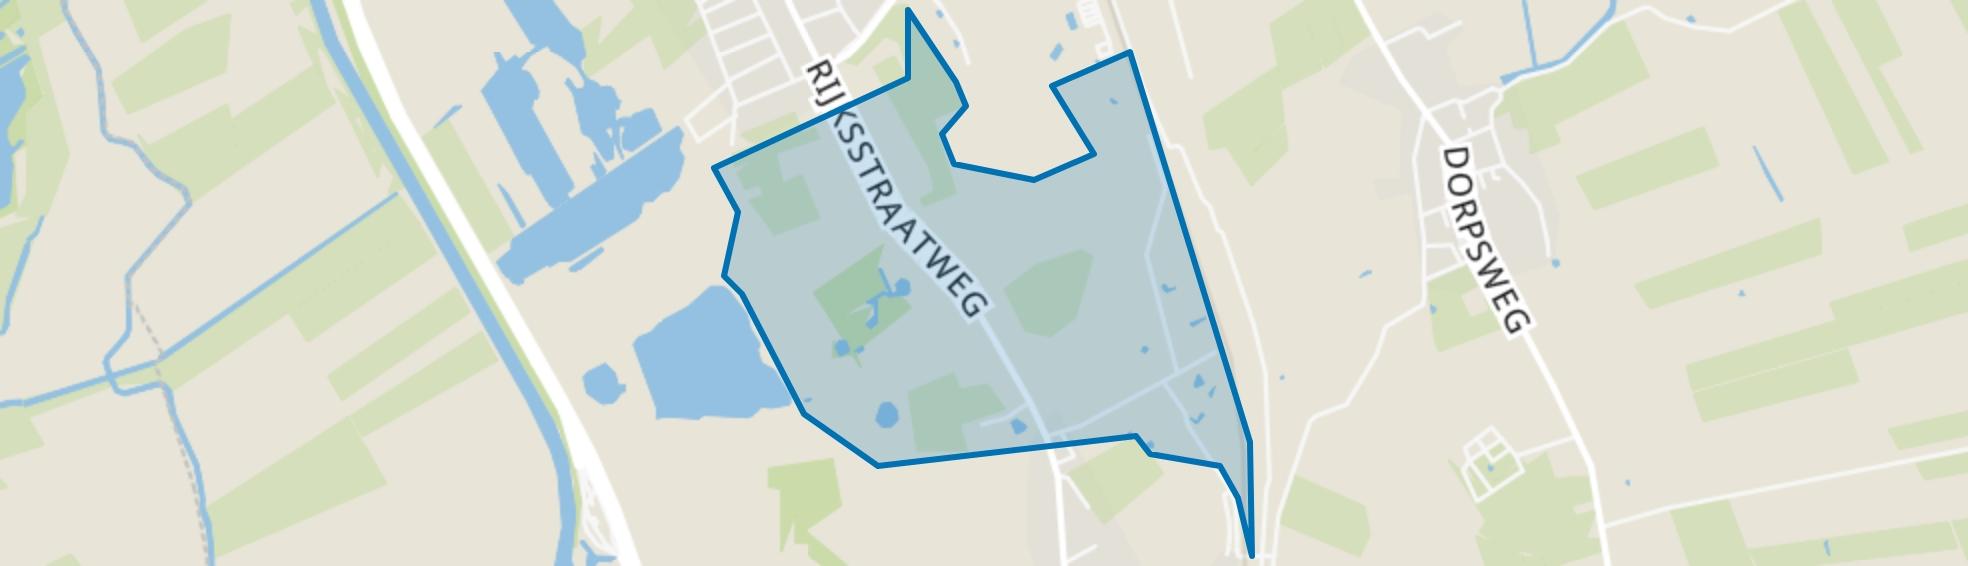 Buitengebied Haren-Zuidoost, Haren (GR) map